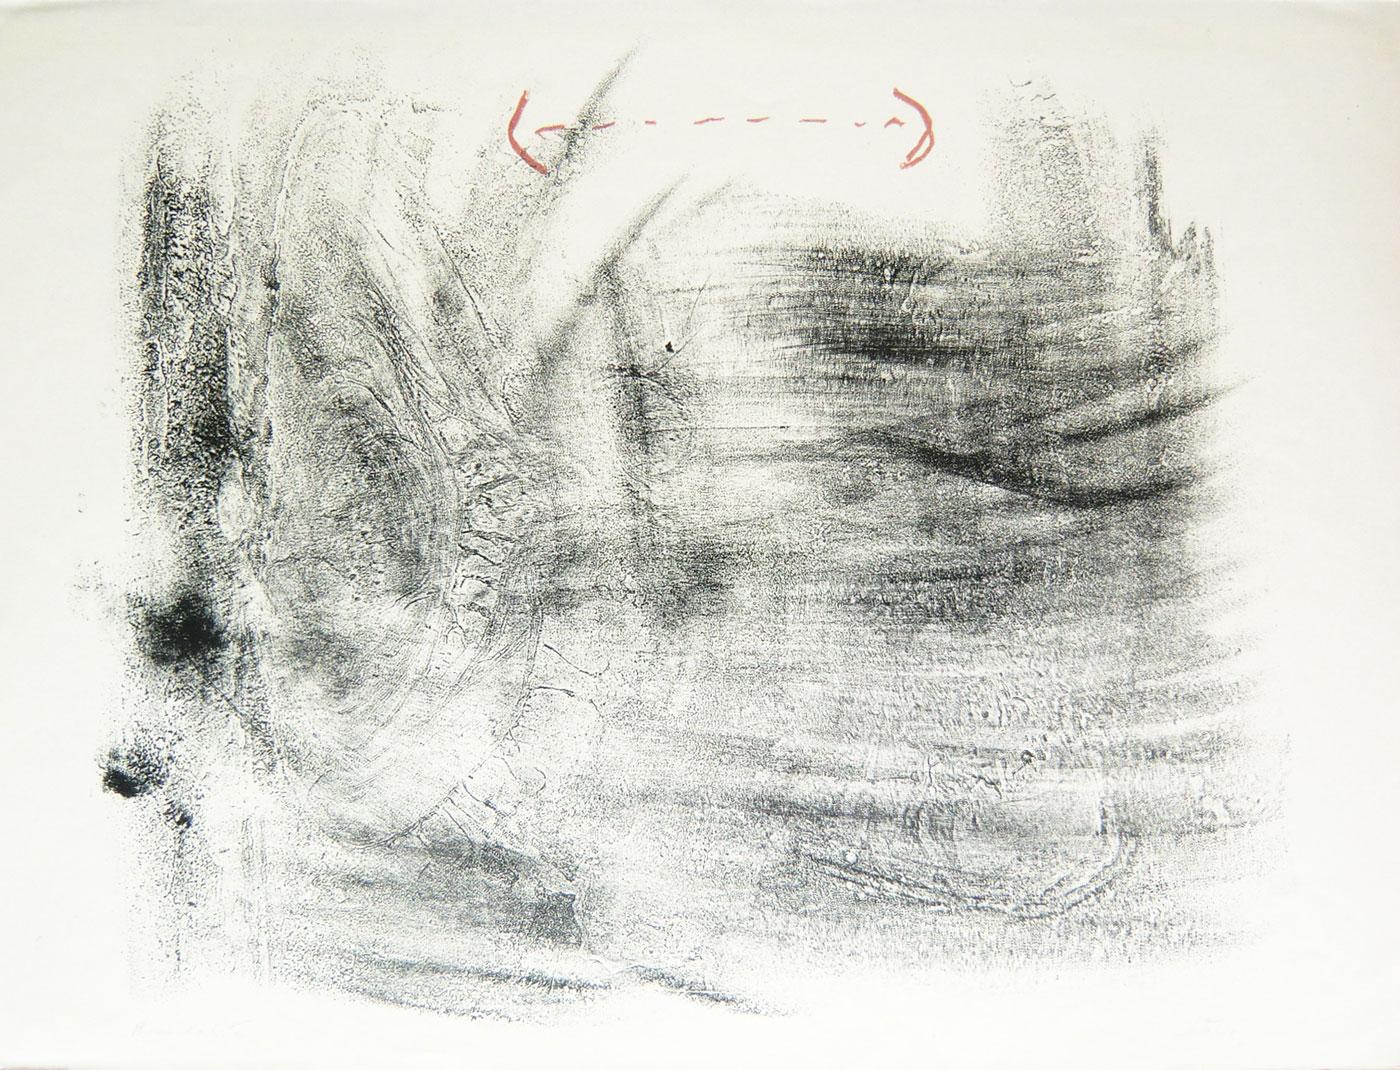 Antoni Tàpies Grafik, Frottage, 1965